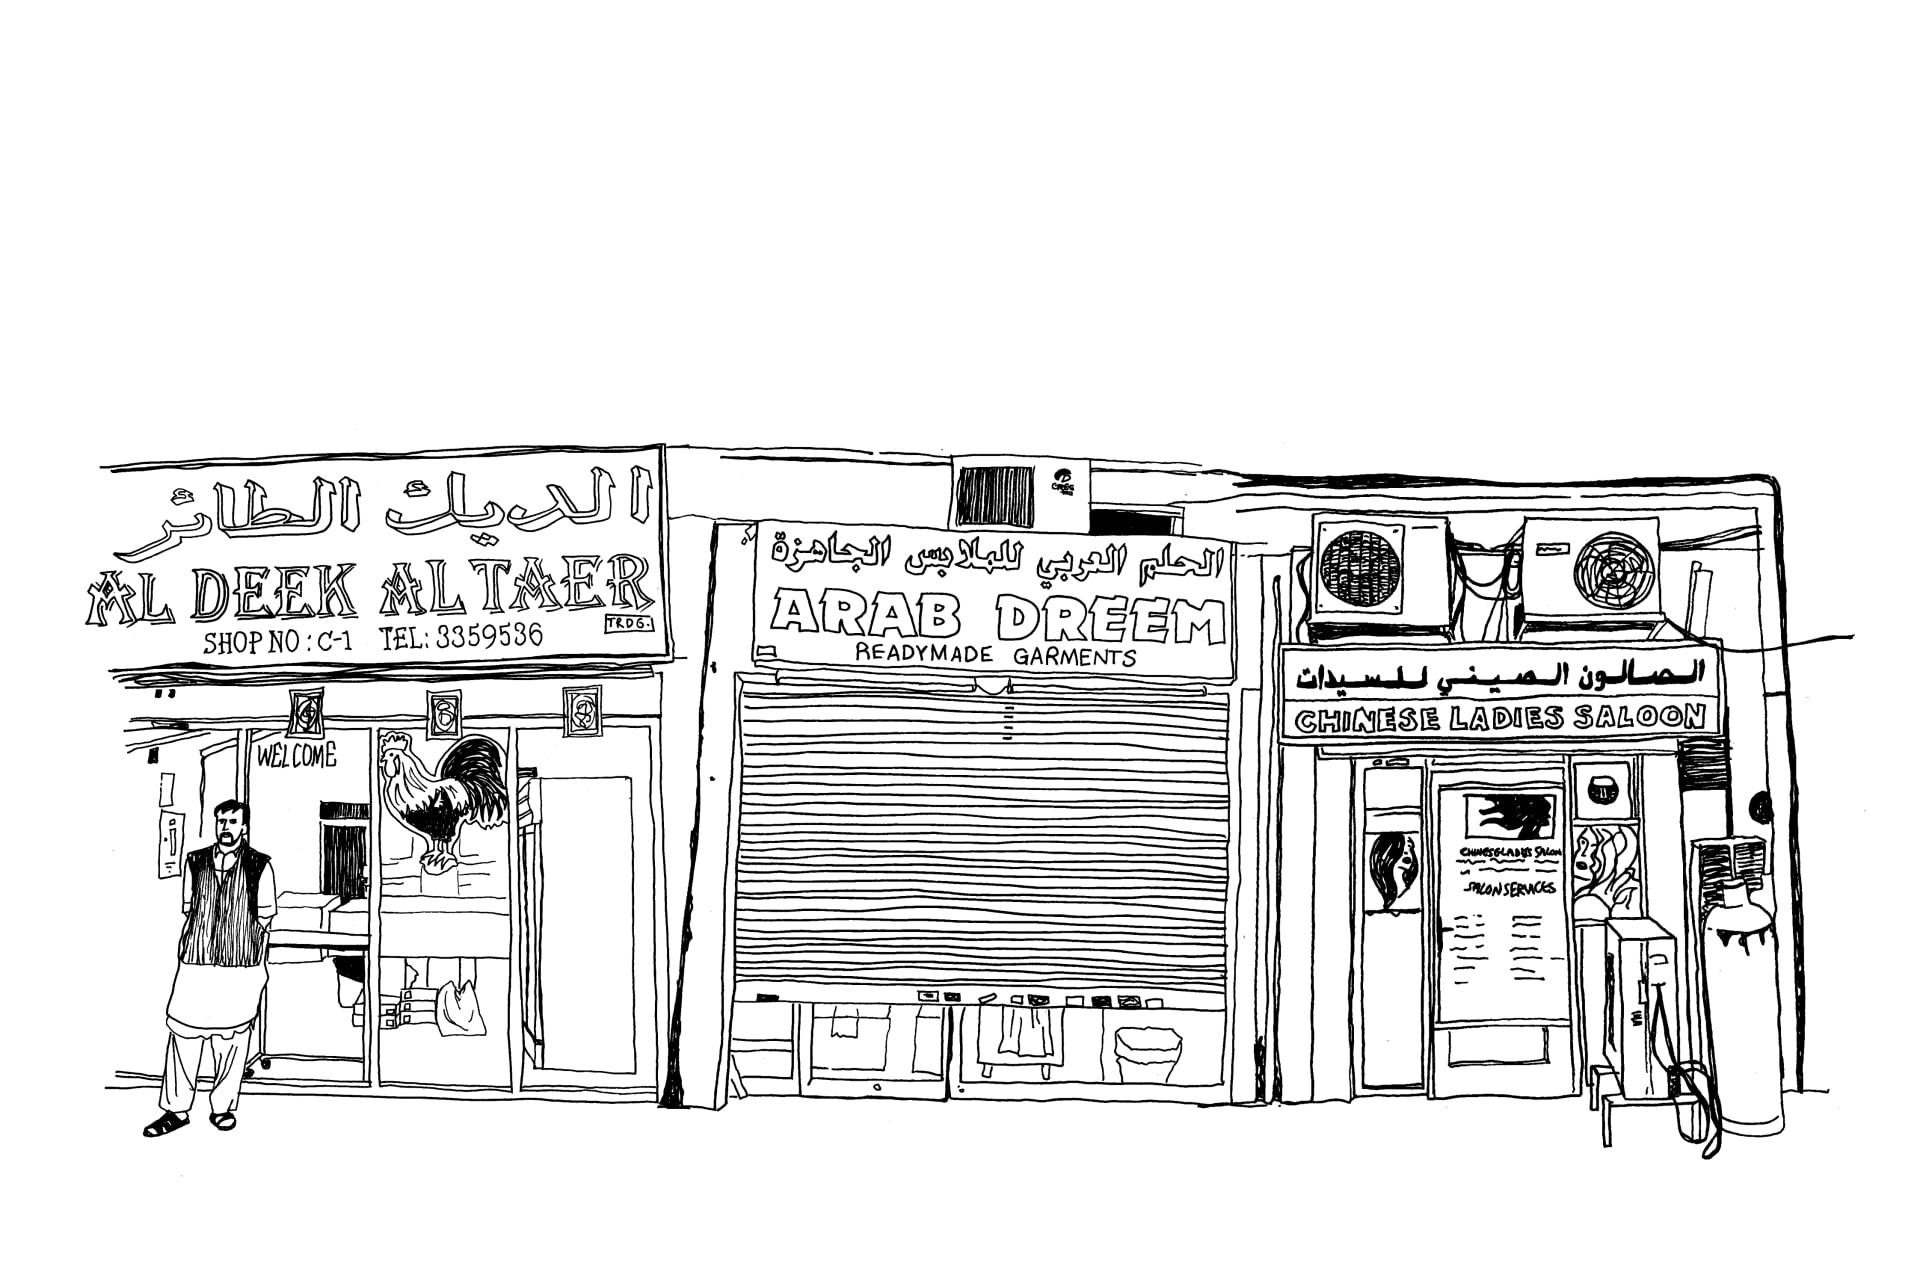 كيف سوف تبدو دبي إذا كانت في مجلات القصص المصورة؟